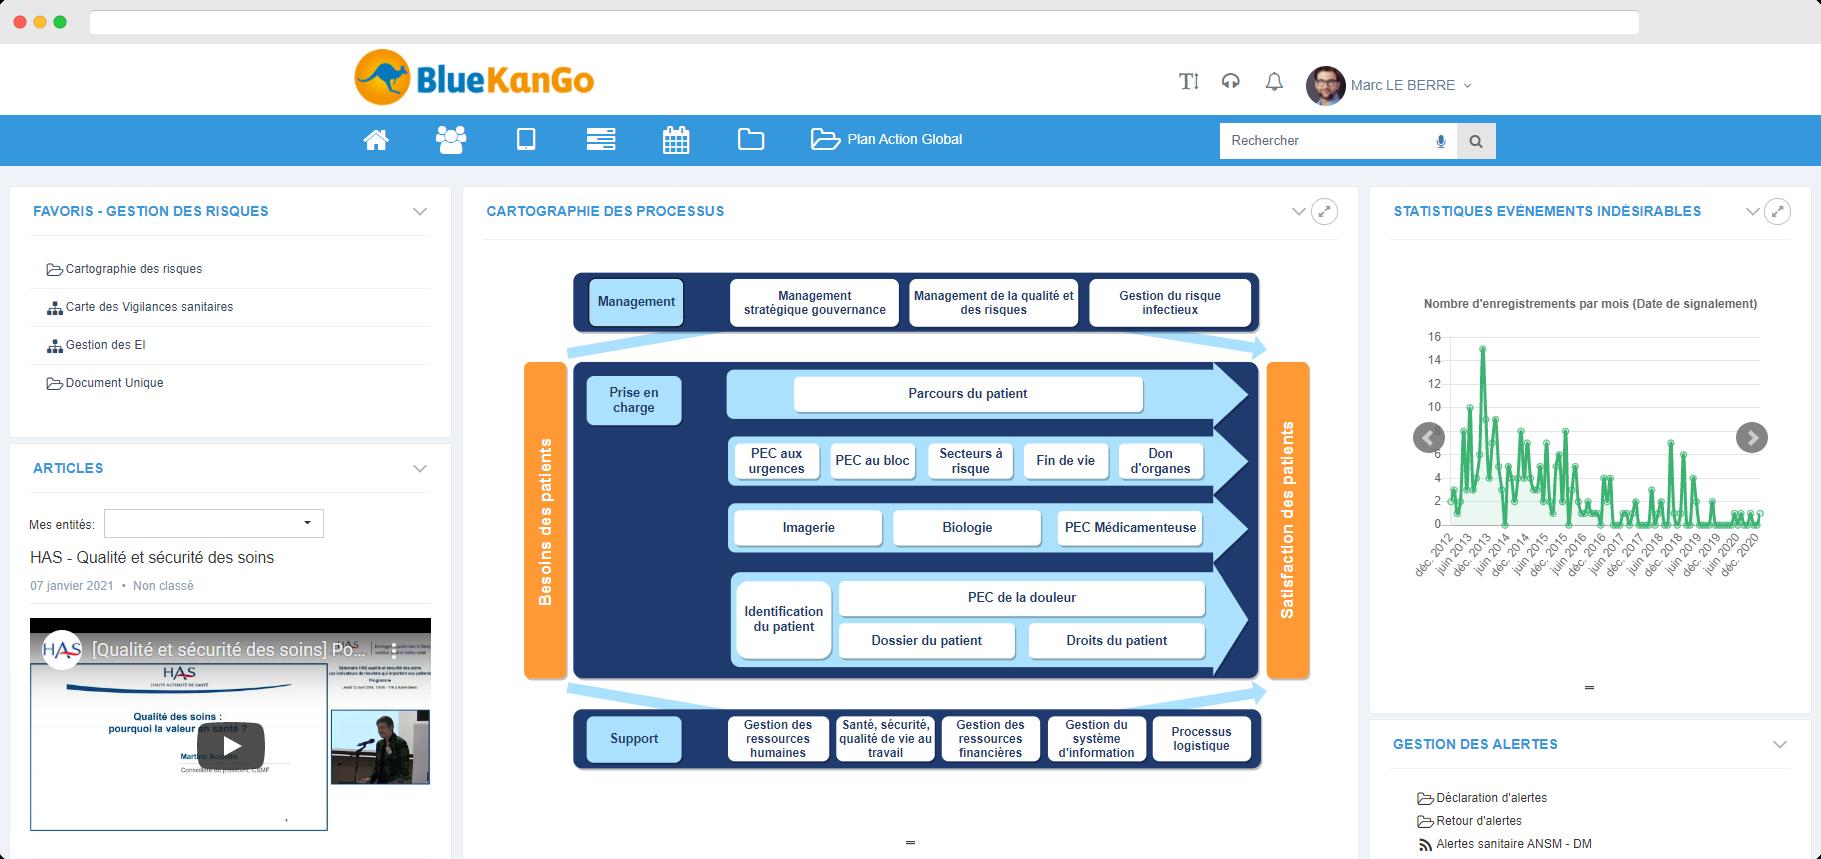 Capture d'écran Tableau de bord de l'offre Gestion des risques et vigilances de la plateforme BlueKanGo